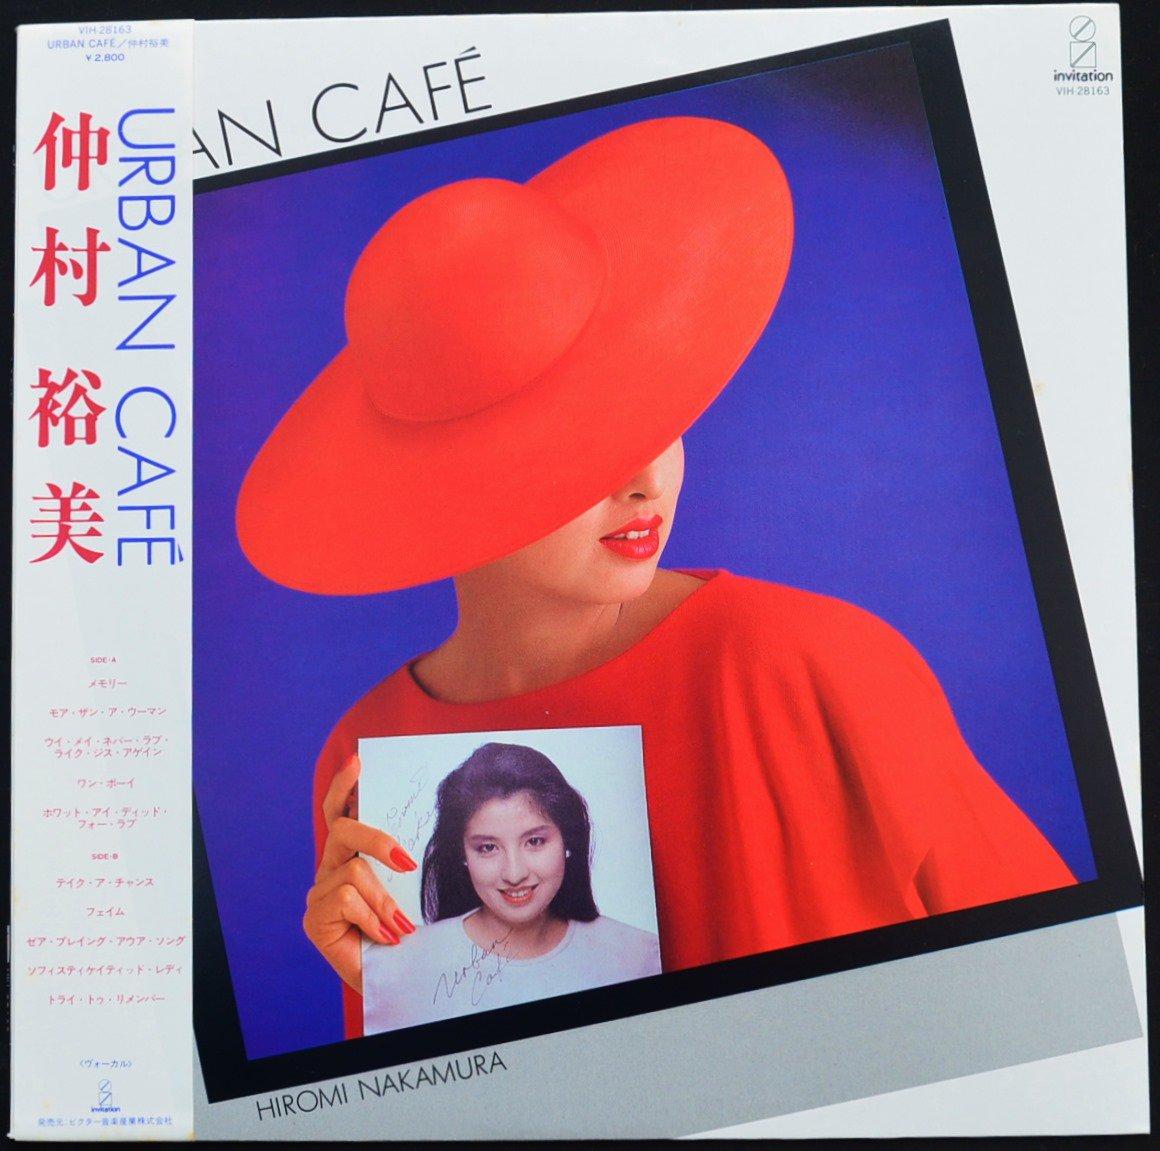 仲村裕美 HIROMI NAKAMURA / アーバン・カフェ URBAN CAFE (LP)